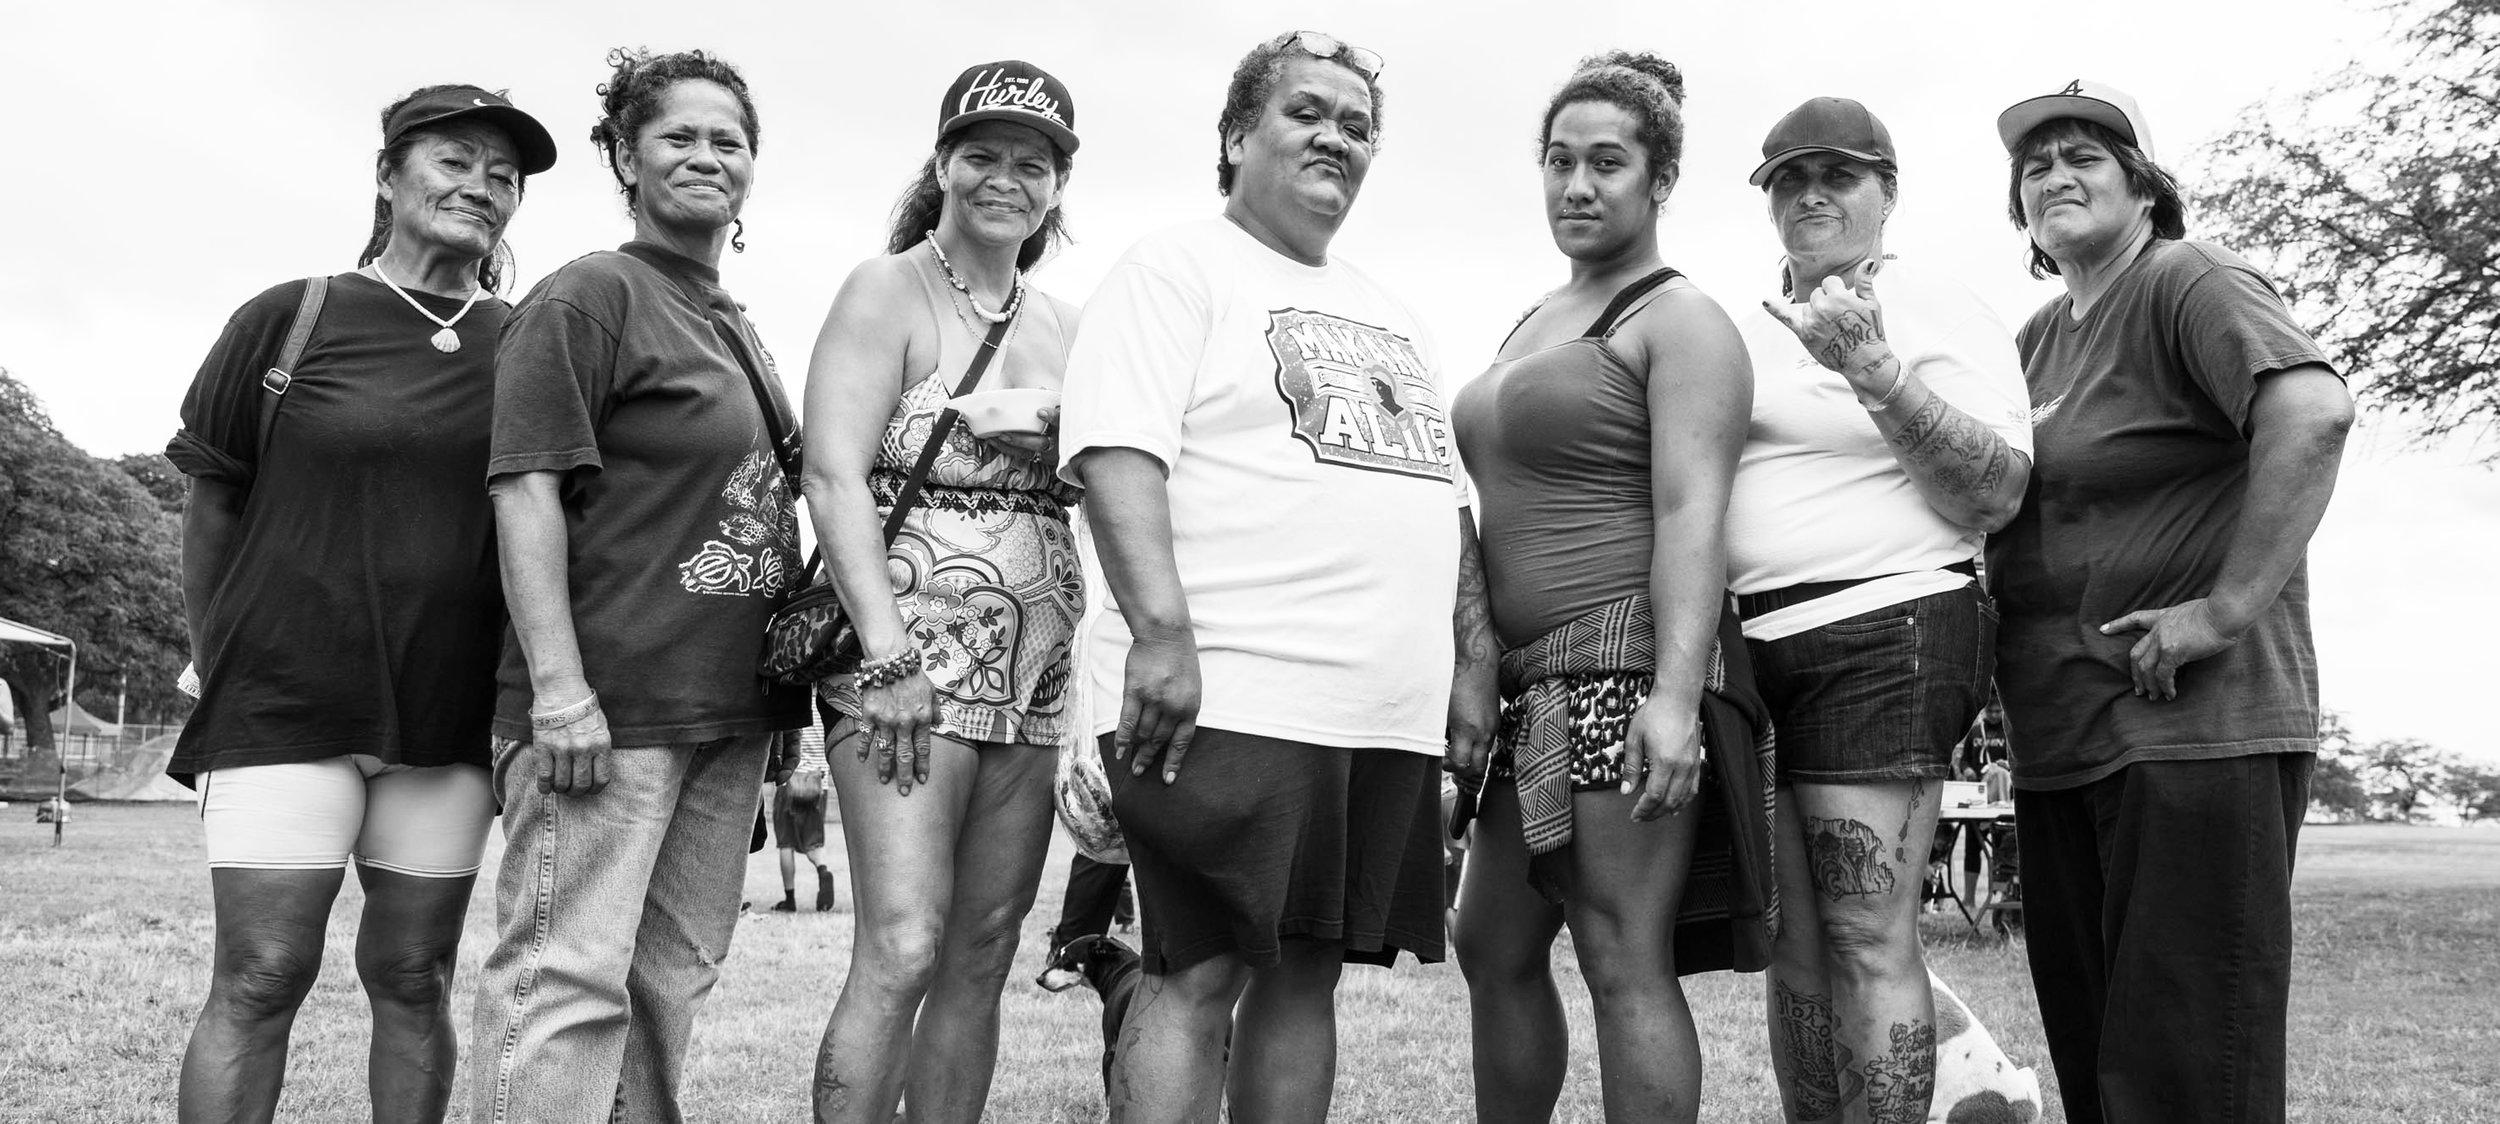 The Matriarchy - Pu'uhonua o Waianae | The Guardian